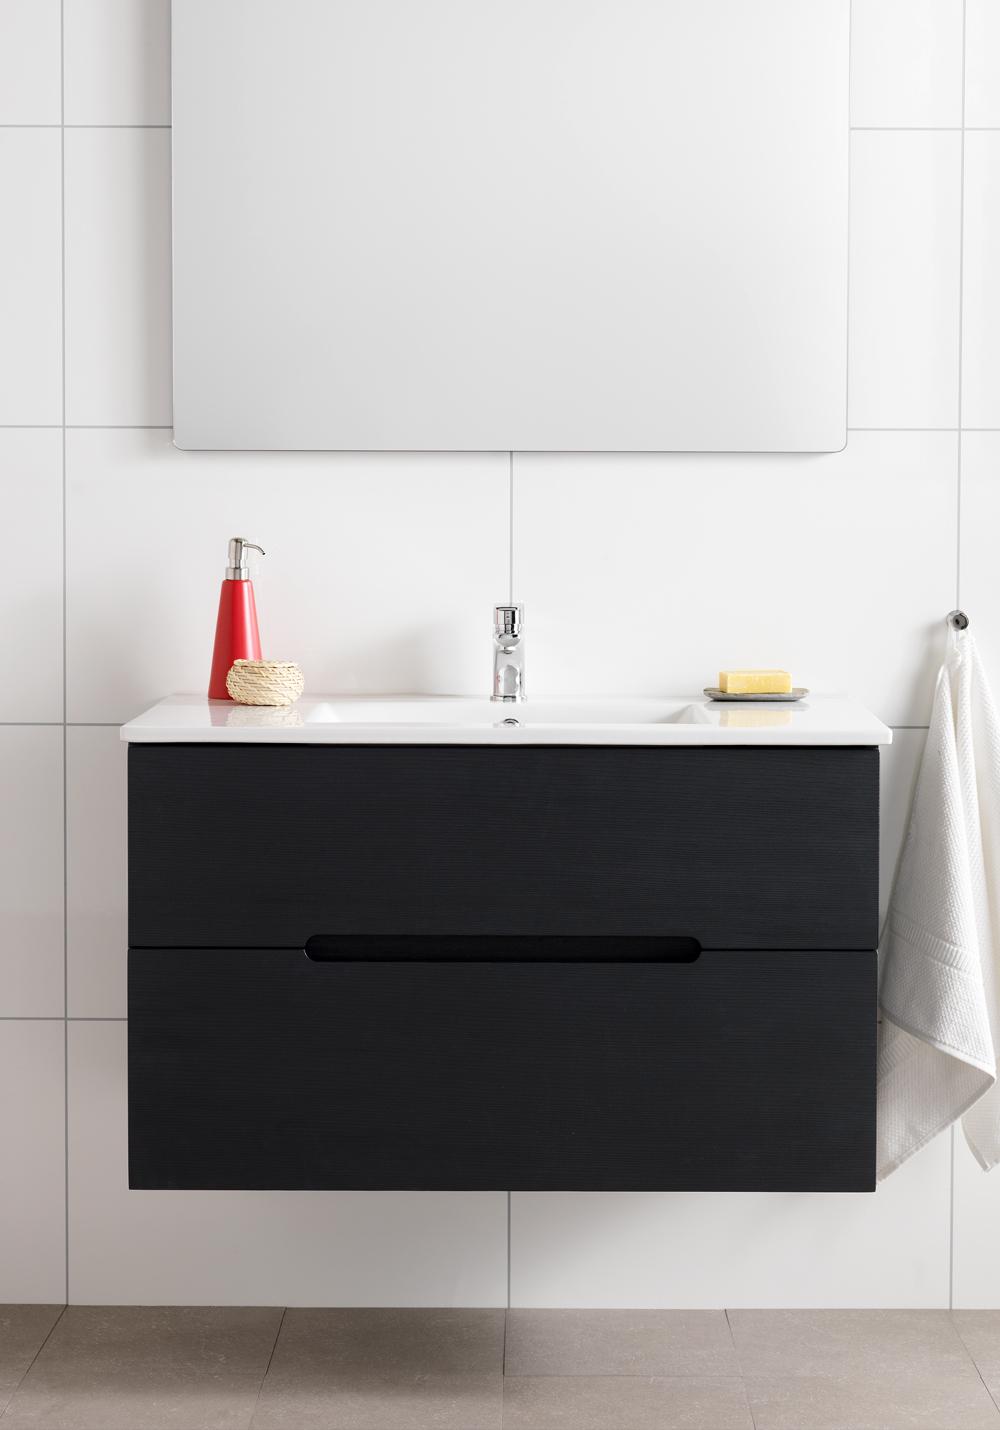 Hafa sun badrumsmöbel tvättställsskåp   hafa badrum